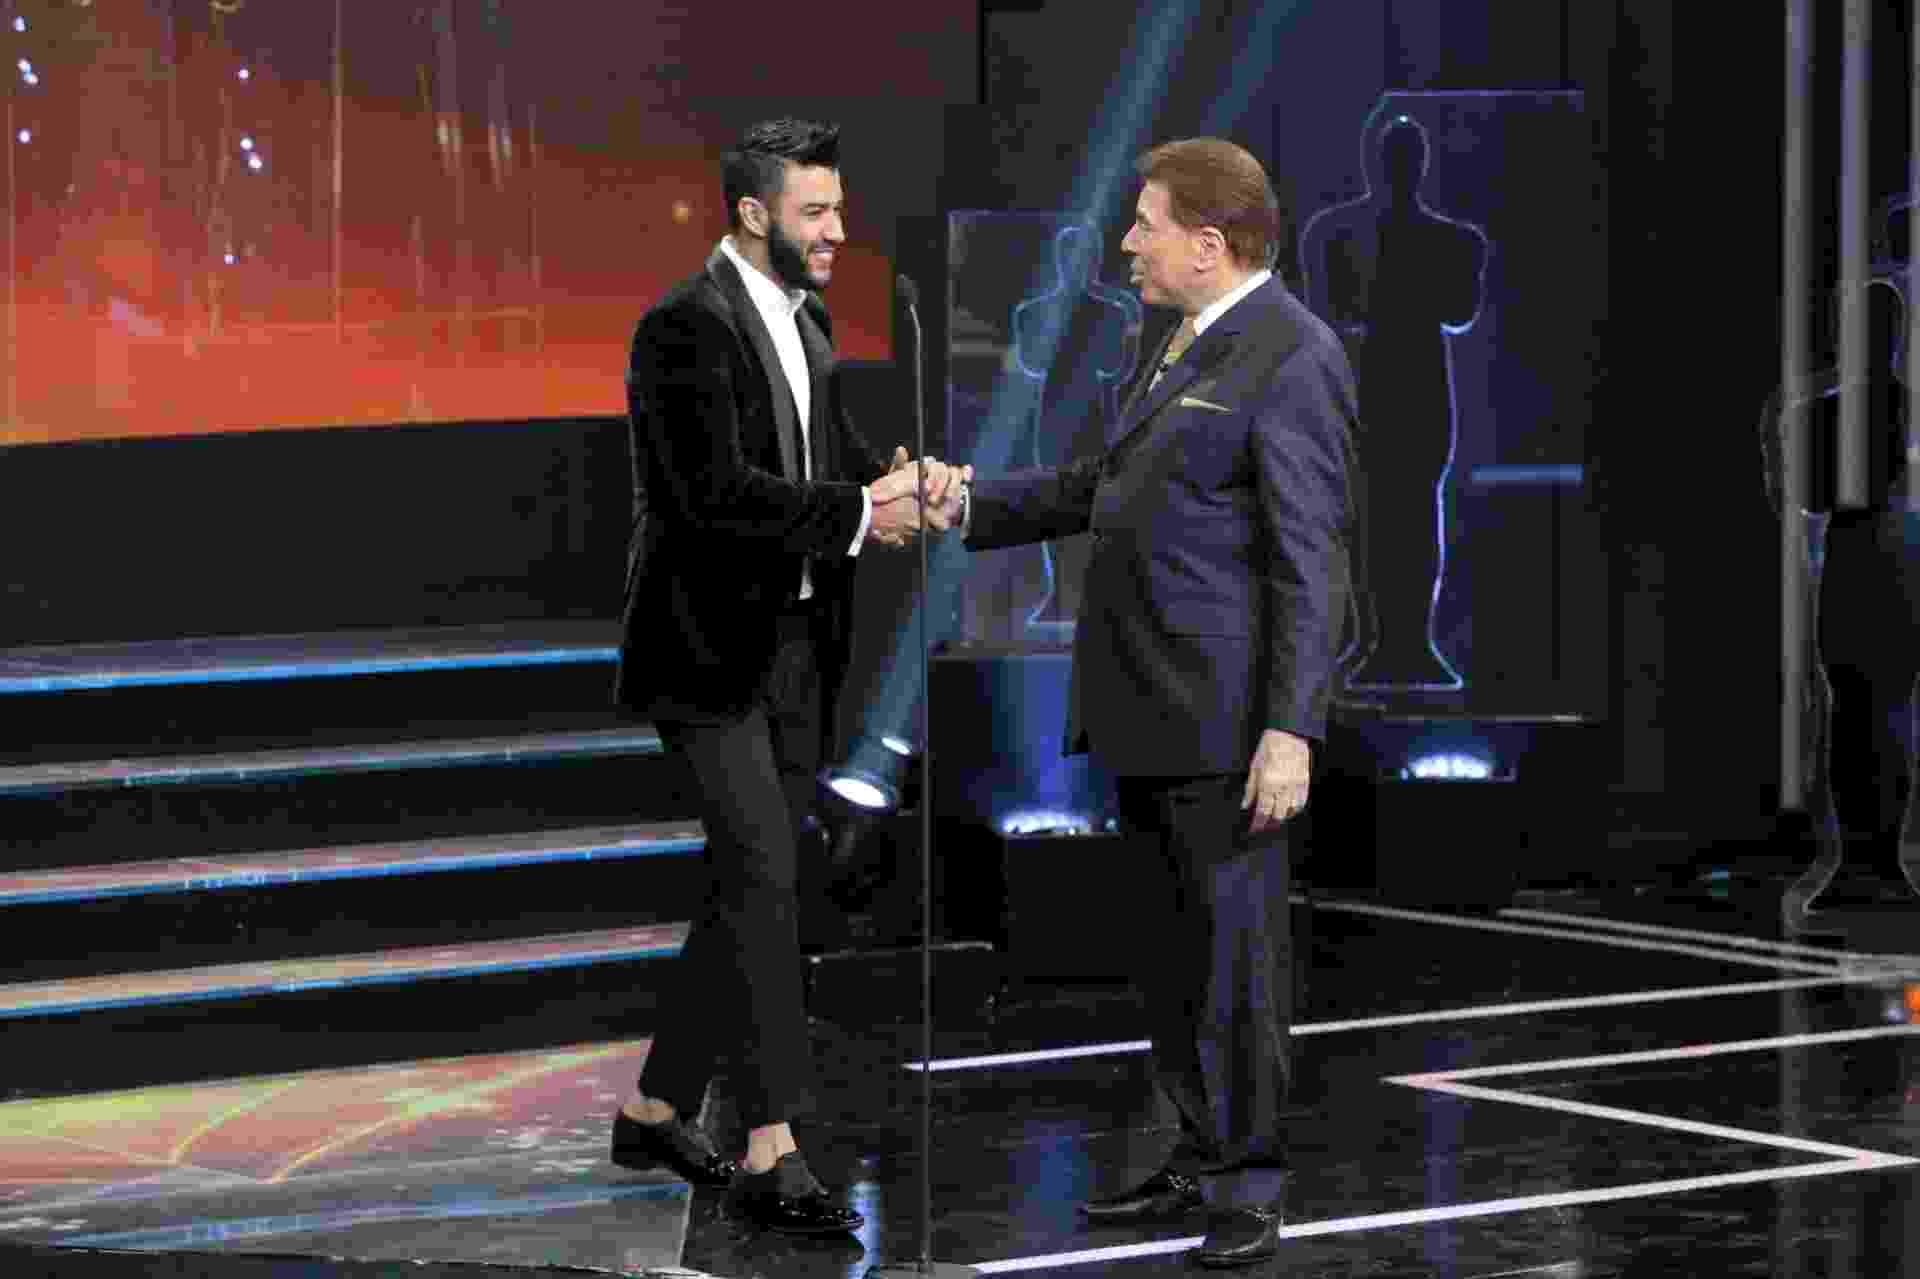 Silvio Santos recebe o cantor Gusttavo Lima no palco do Troféu Imprensa - Divulgação/SBT